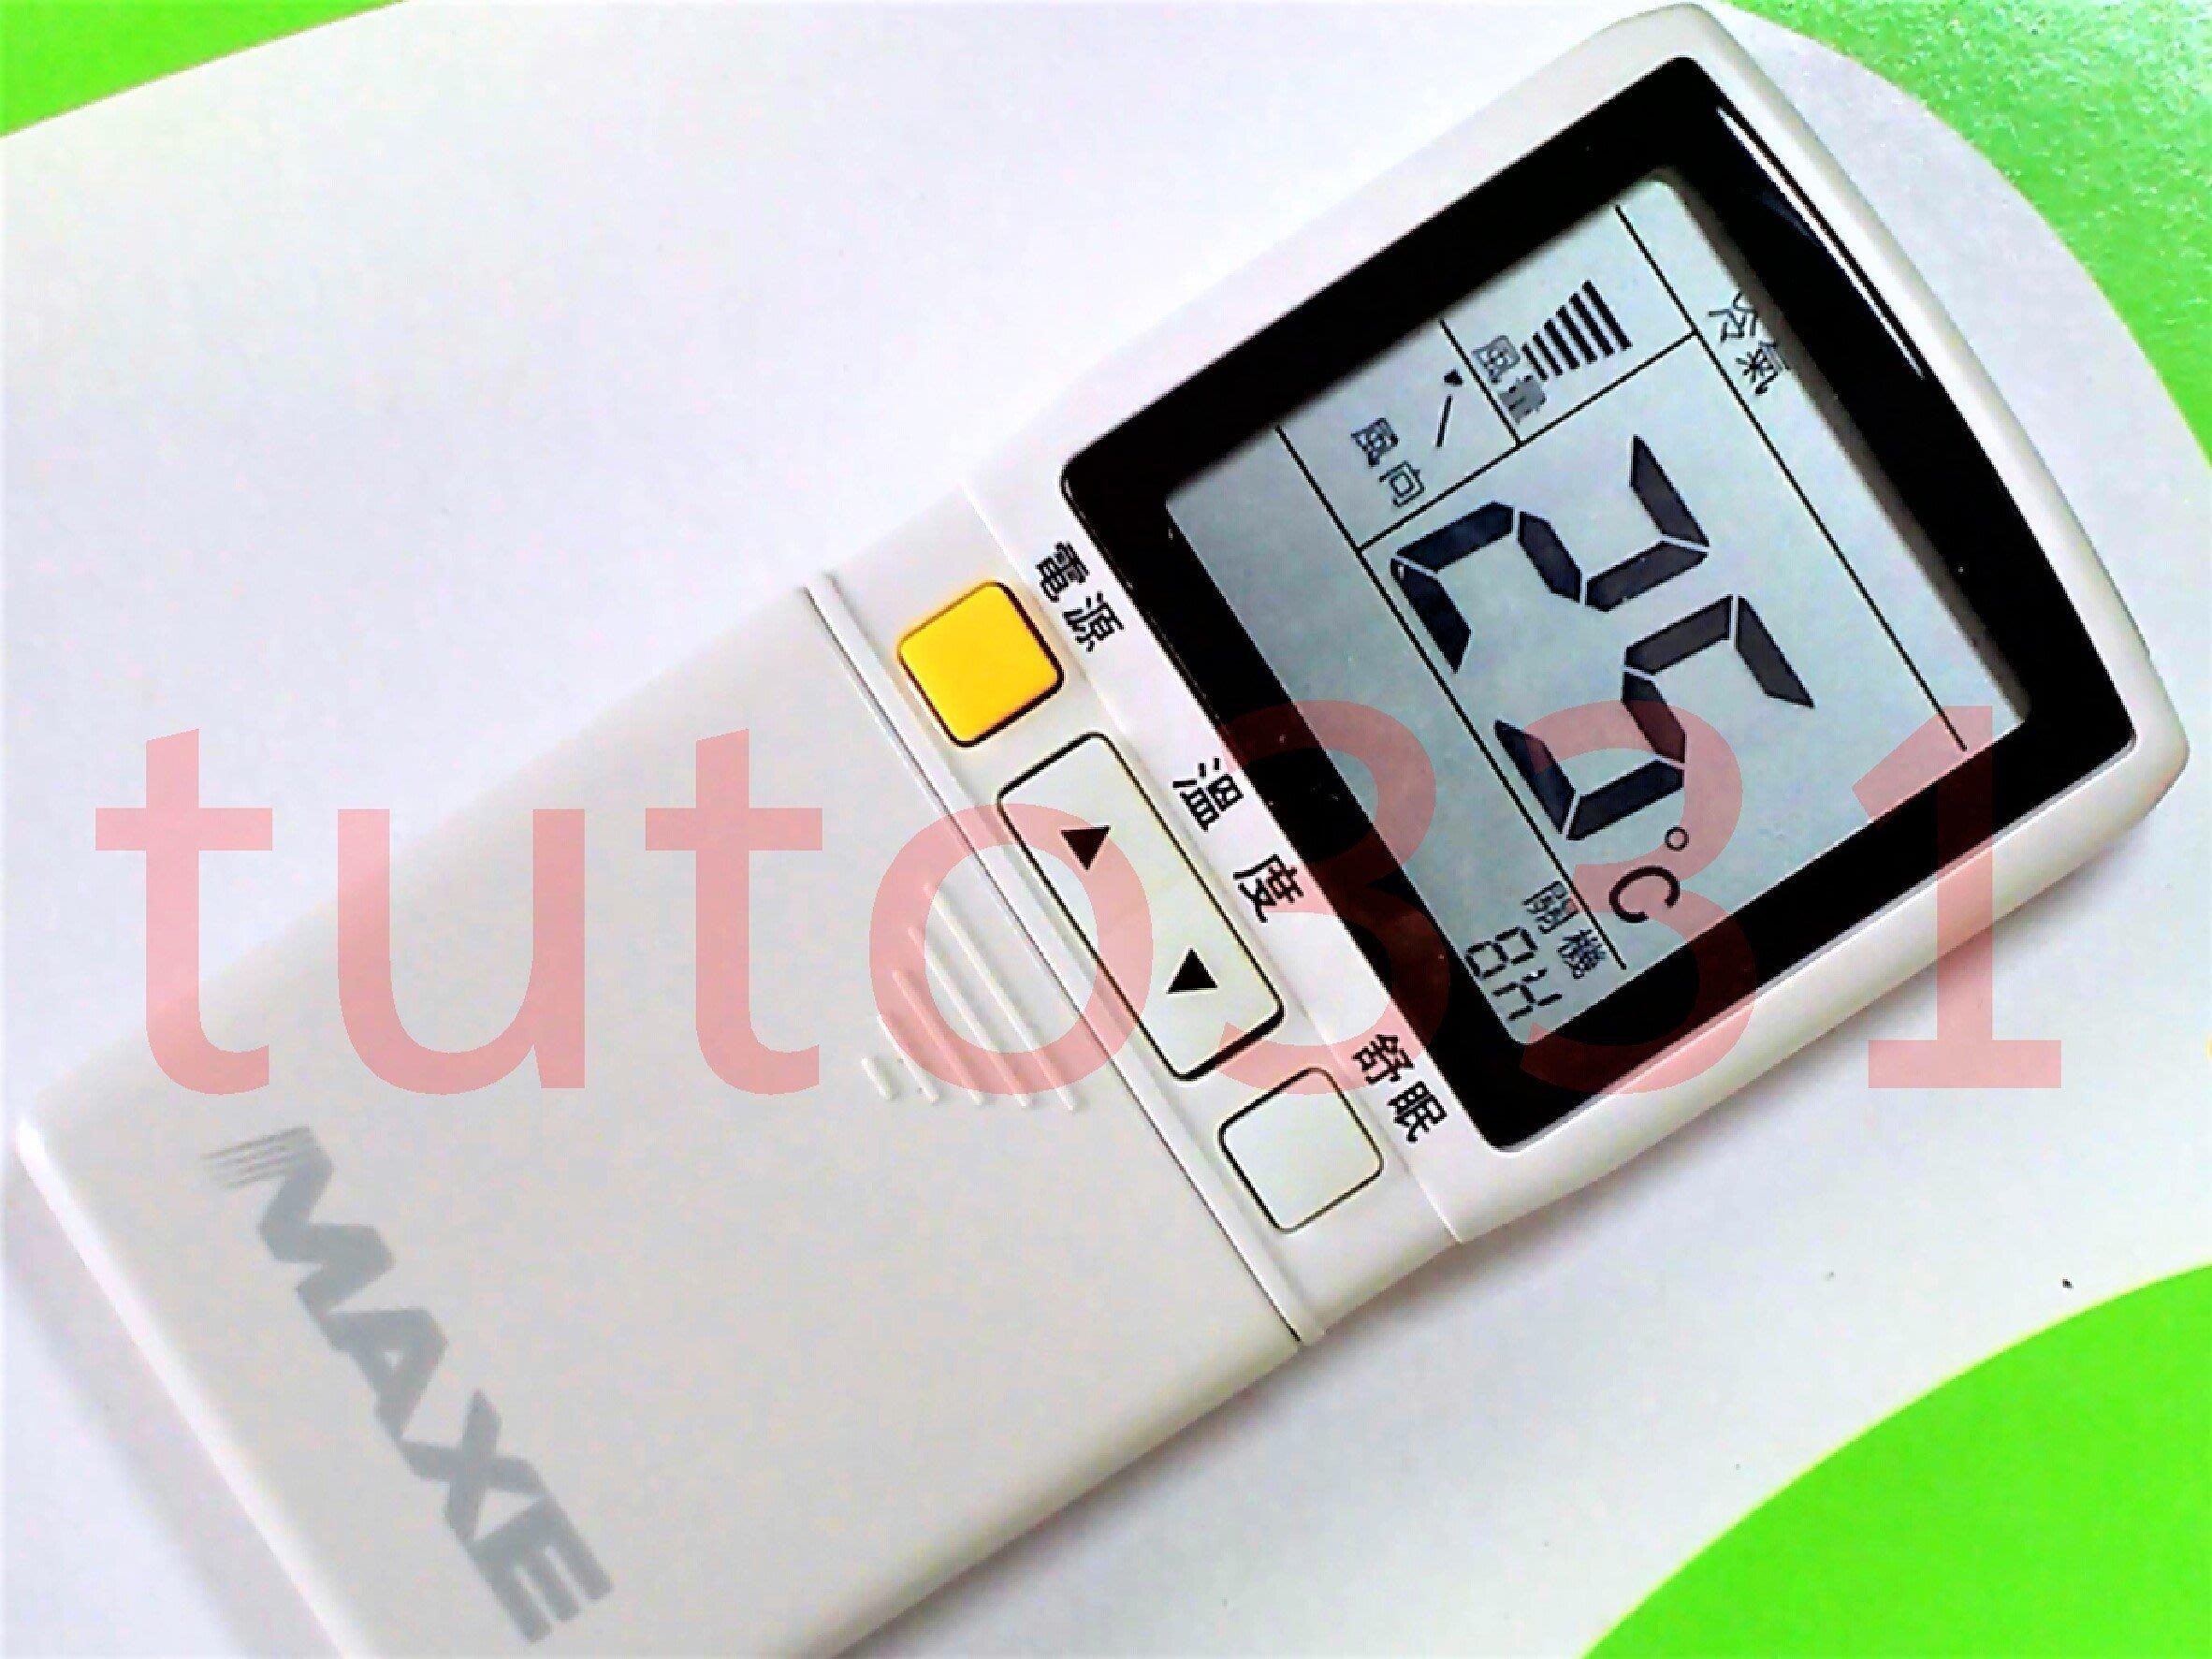 【全新-原廠貨】MAXE冷氣遙控器 RC-05 萬士益冷氣遙控器 MAXE分離式冷氣遙控器 萬士益分離式冷氣遙控器